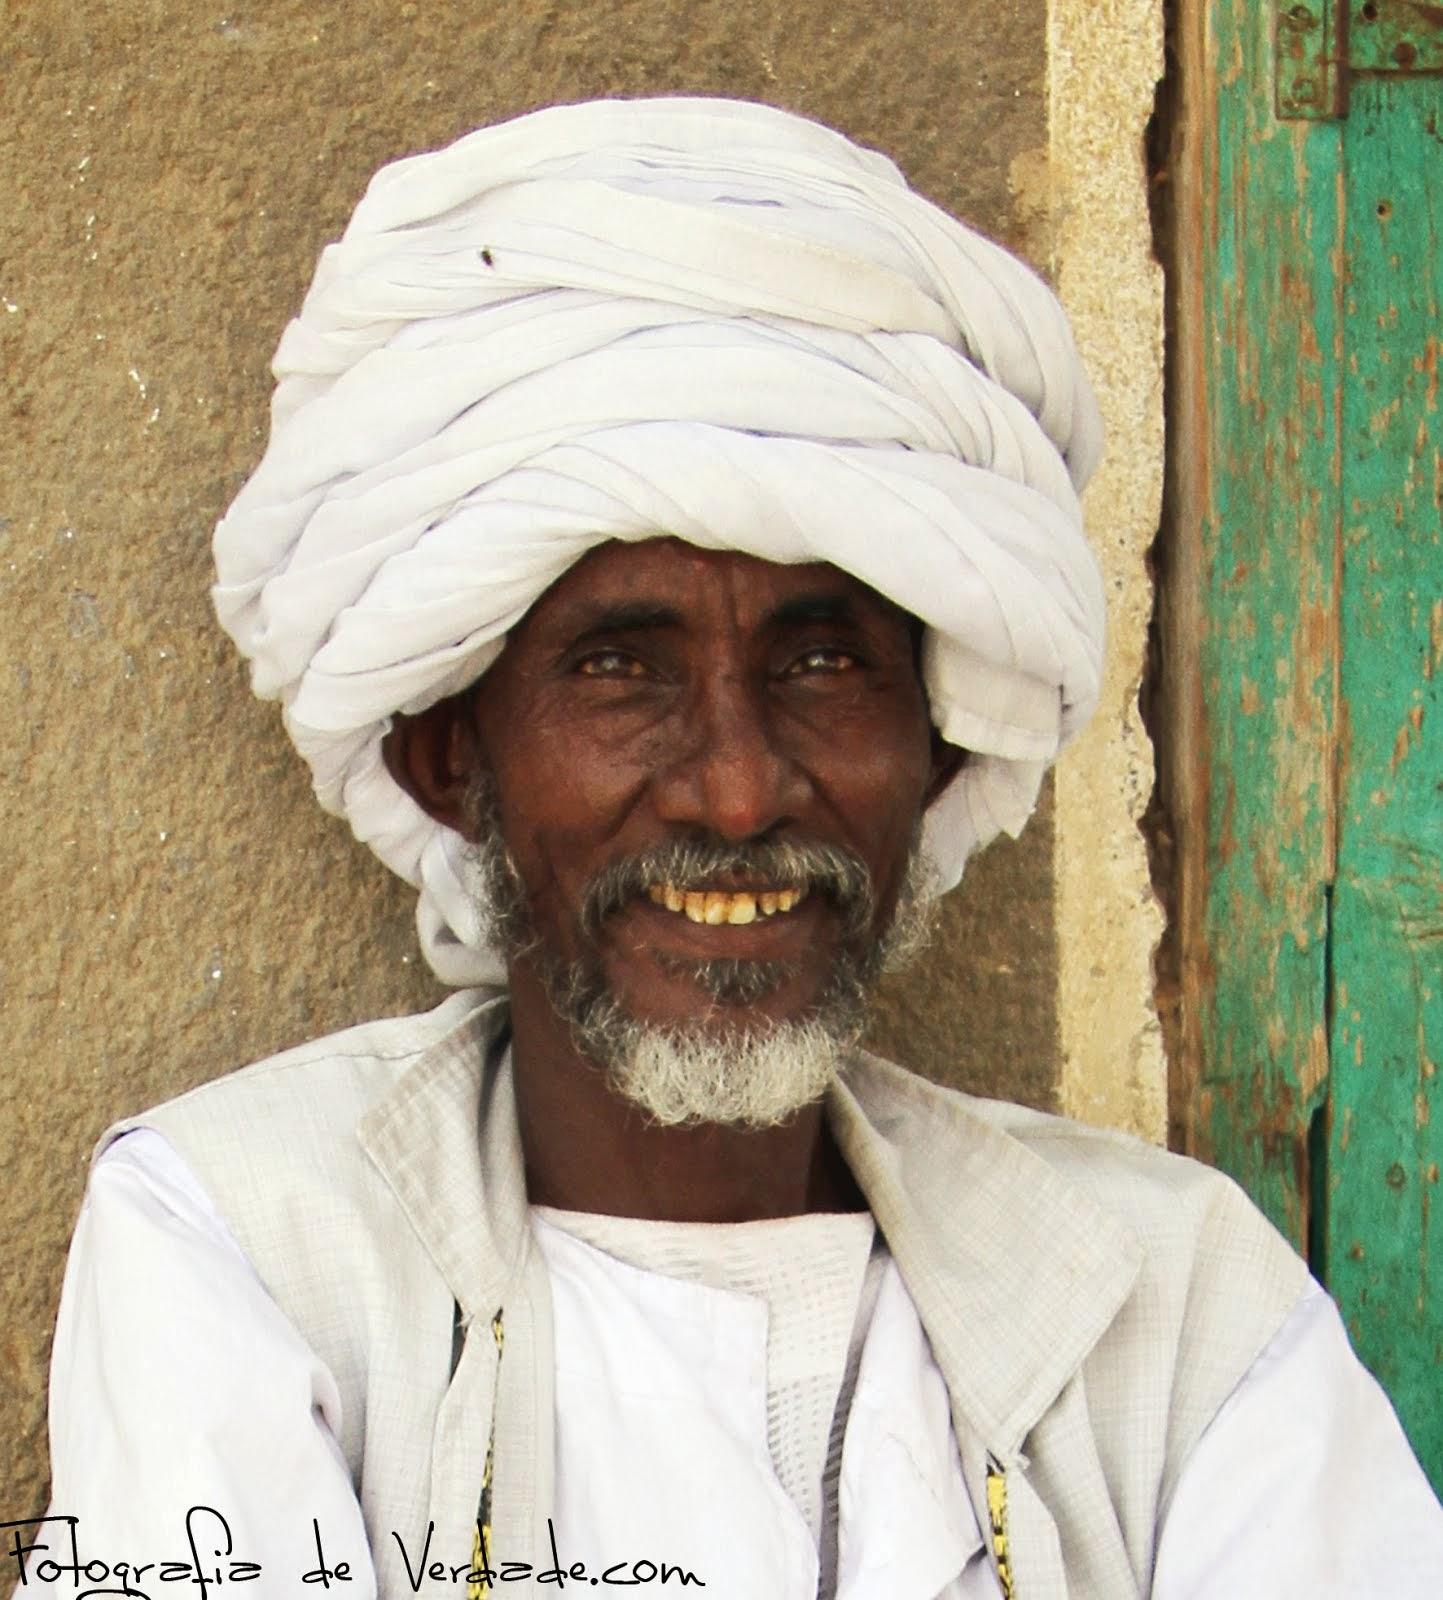 Sudão Intocável Part.2